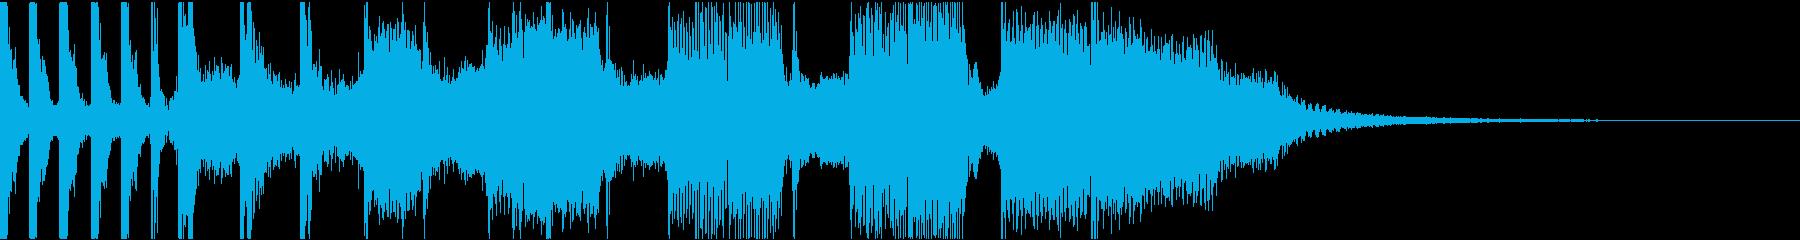 コーナータイトル_70SROCKの再生済みの波形